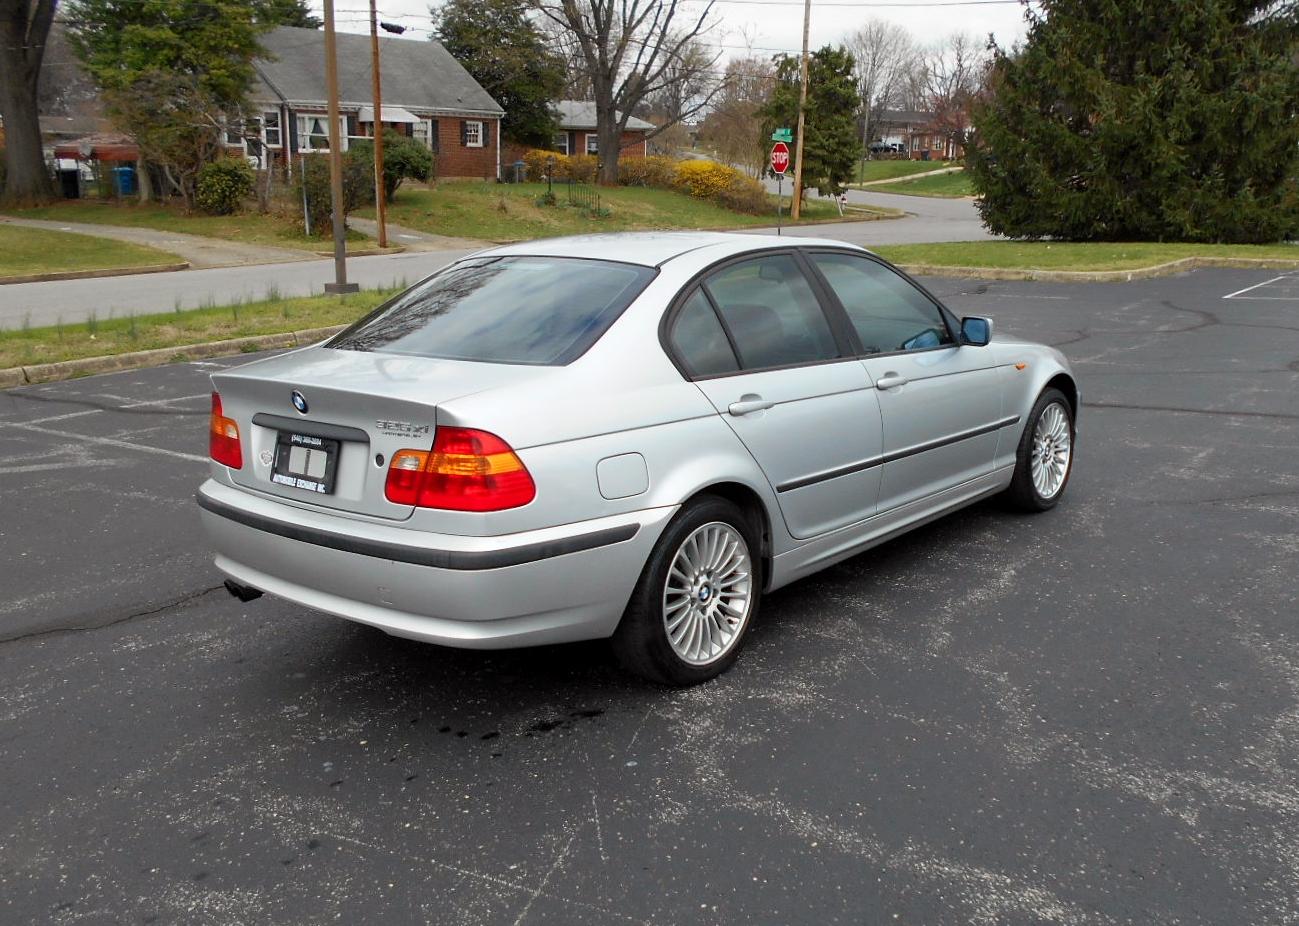 BMW XI AWD BMW XI AWD Automobile Exchange - Bmw 325xi awd